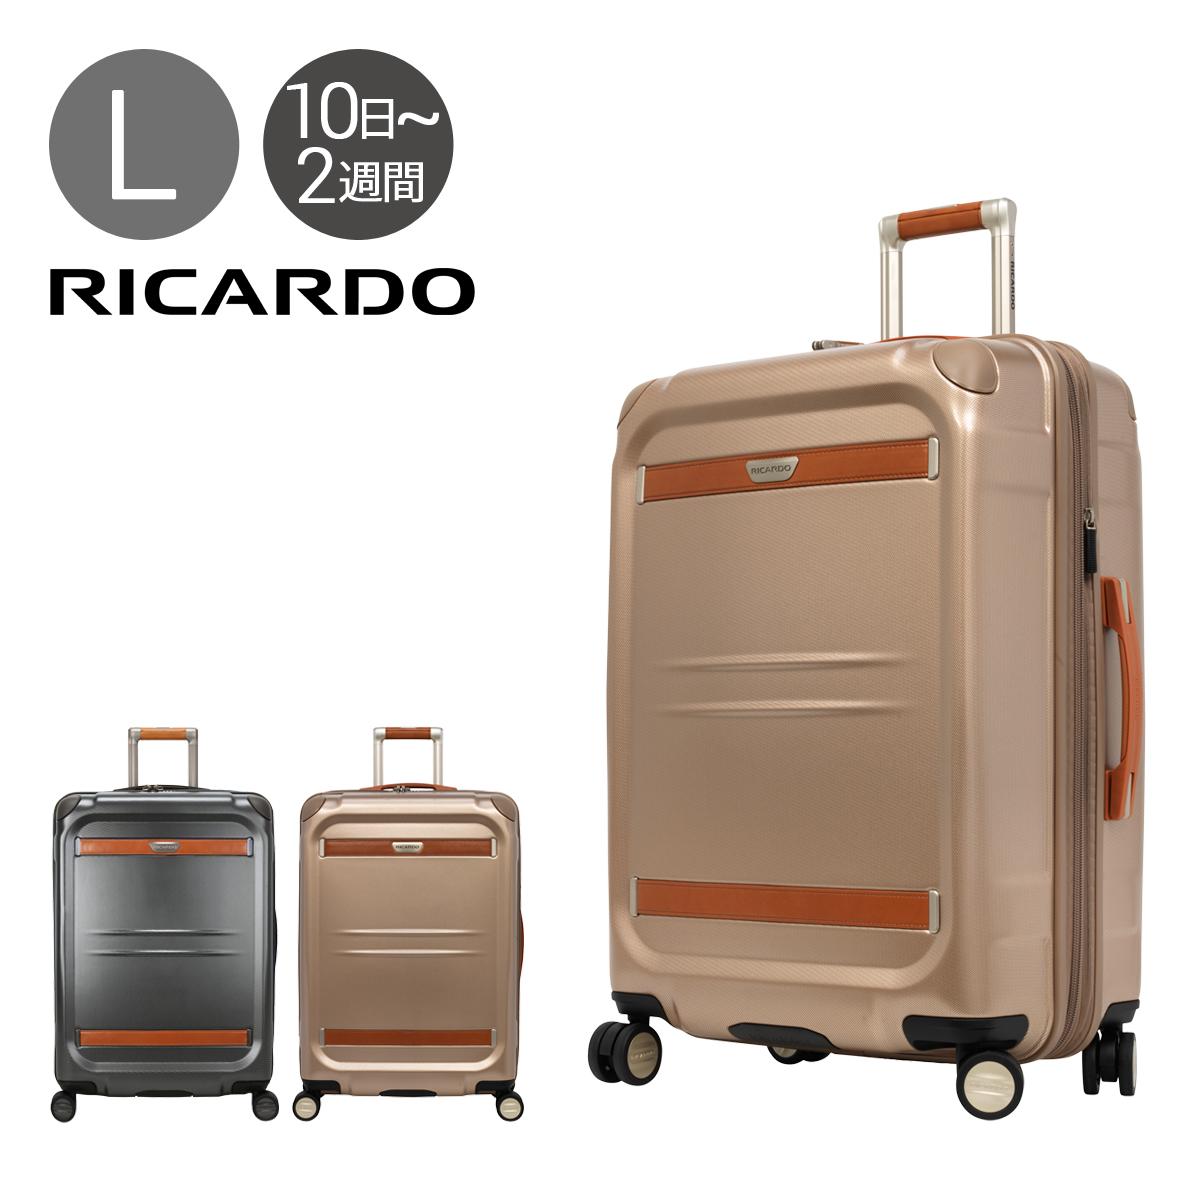 リカルド スーツケース オーシャンドライブ 92L 69.8cm 4.3kg 087-25-4VP RICARDO   キャリーケース ハードキャリー TSAロック機能 拡張[PO10][bef]